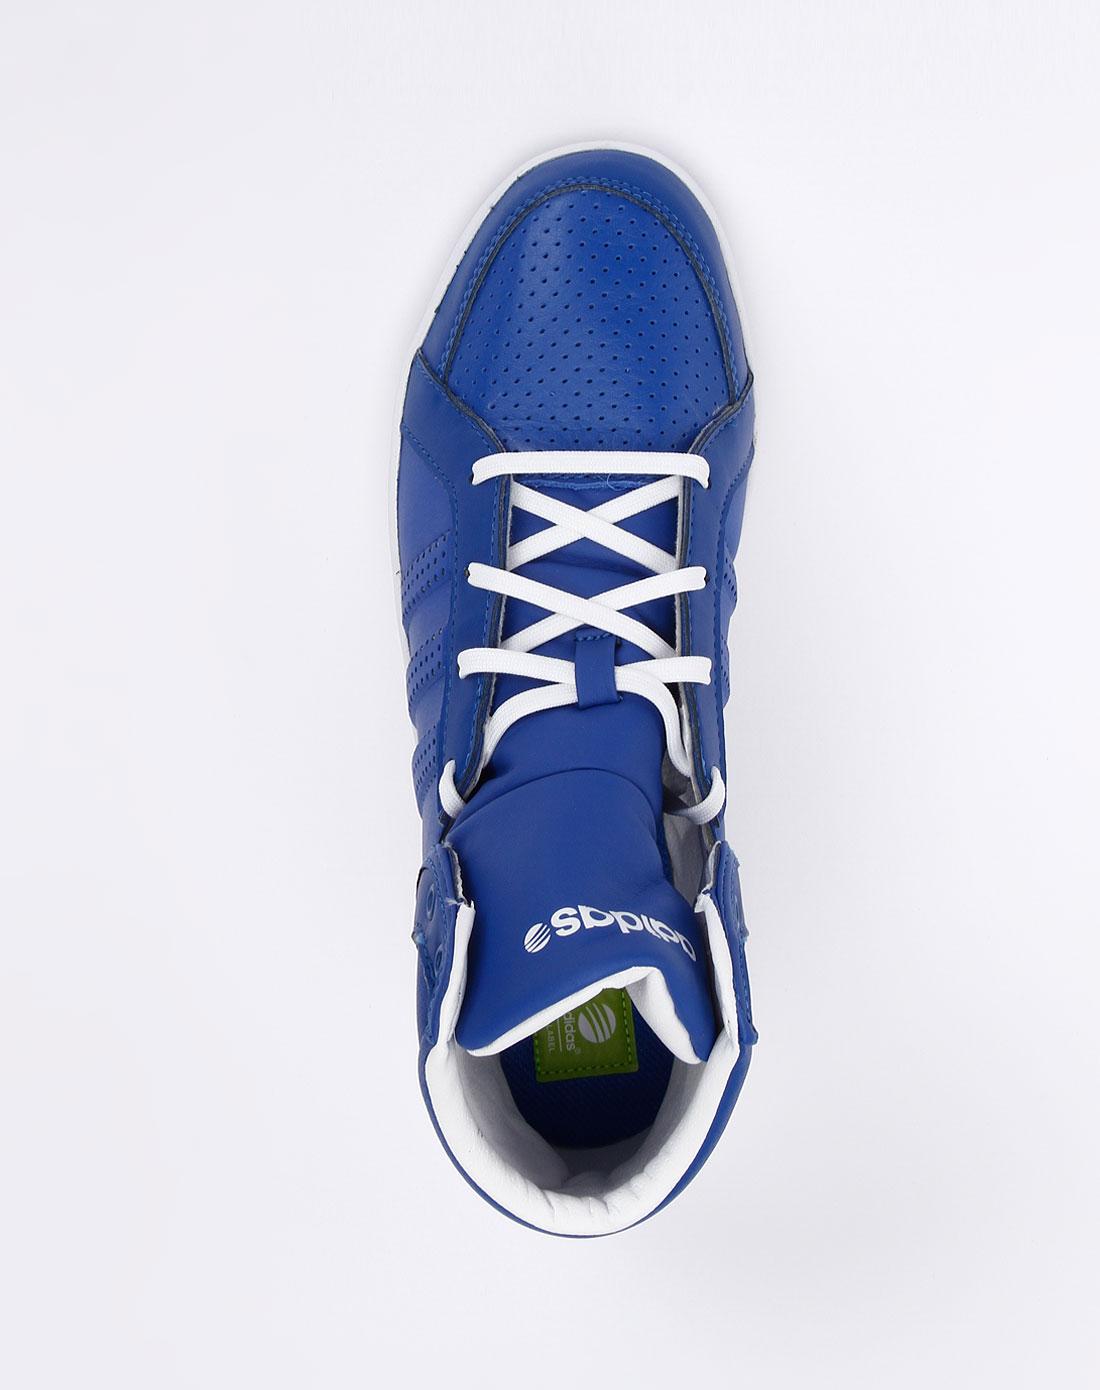 阿迪达斯adidas男款蓝色休闲鞋u44612